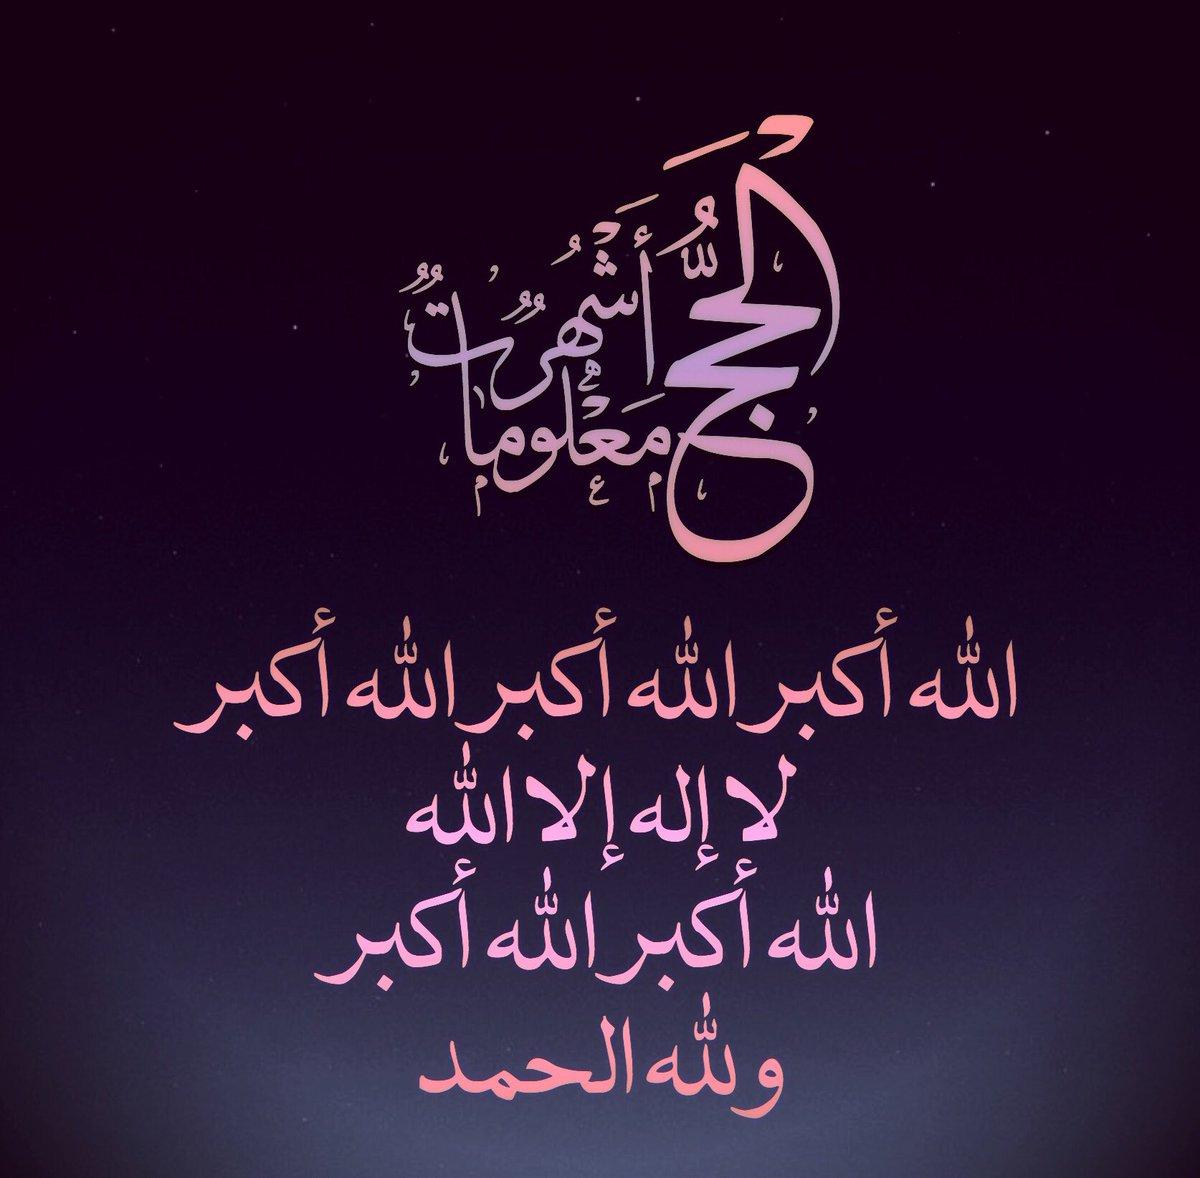 خاص بملحقات التصميم Pa Twitter الله أكبر الله أكبر الله أكبر لا